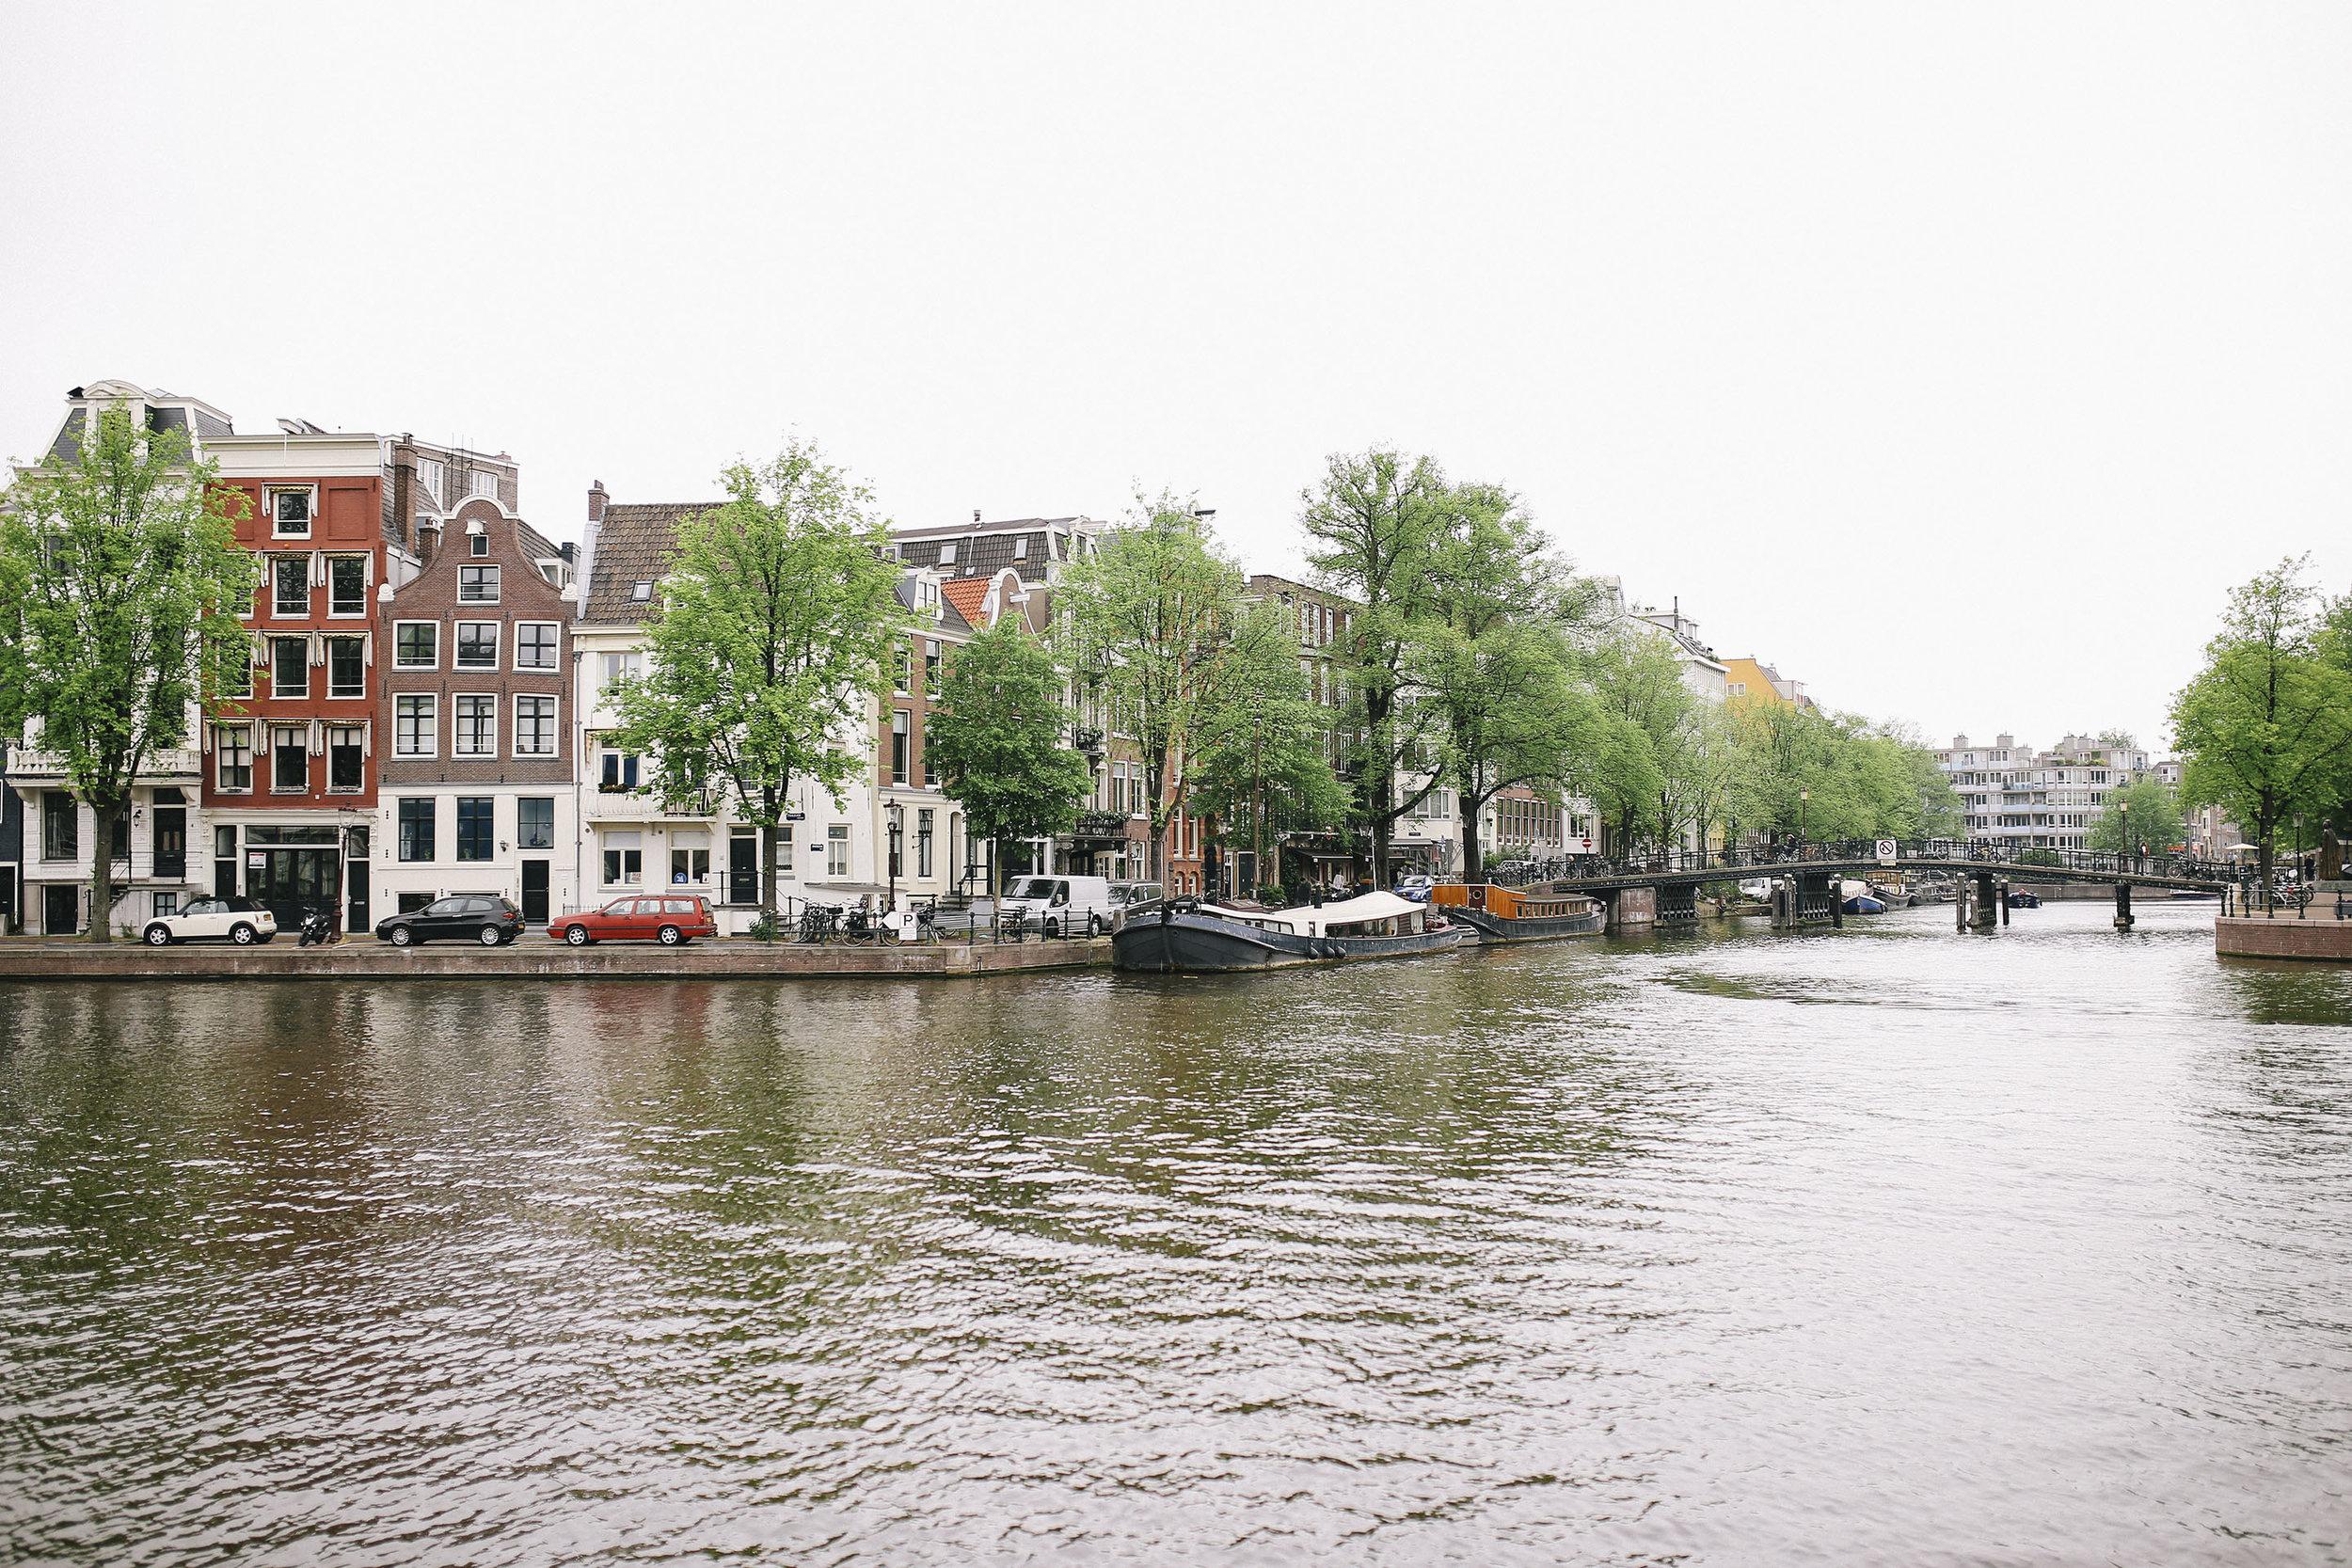 Back in Amsterdam